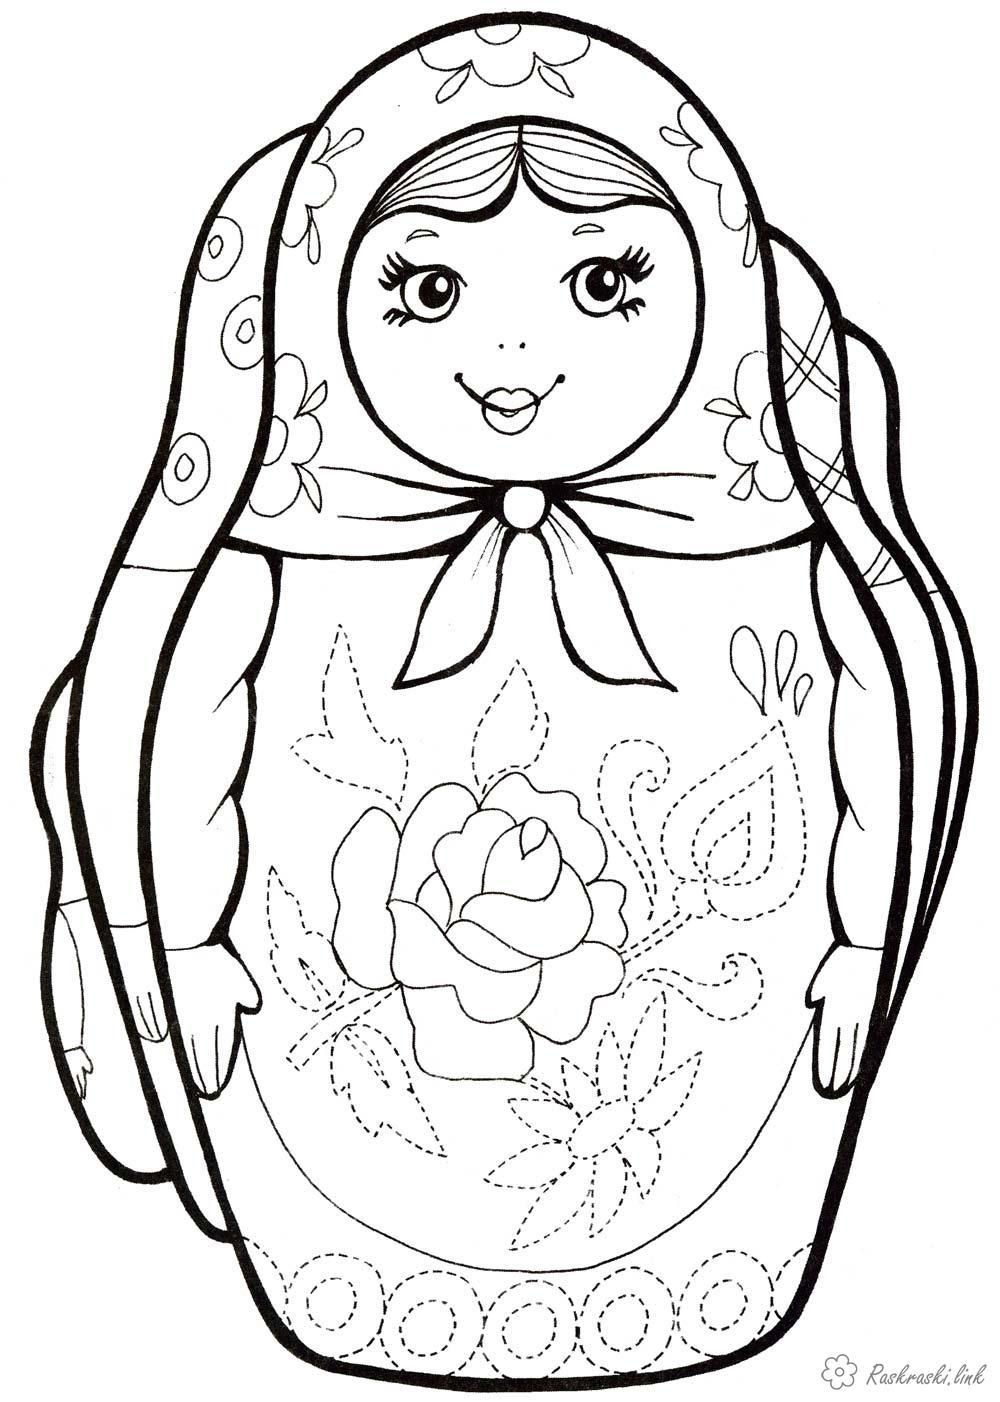 Розмальовки Розфарбувати матрьошку раскраски, детские раскраски, матрёшка,  национальные платья